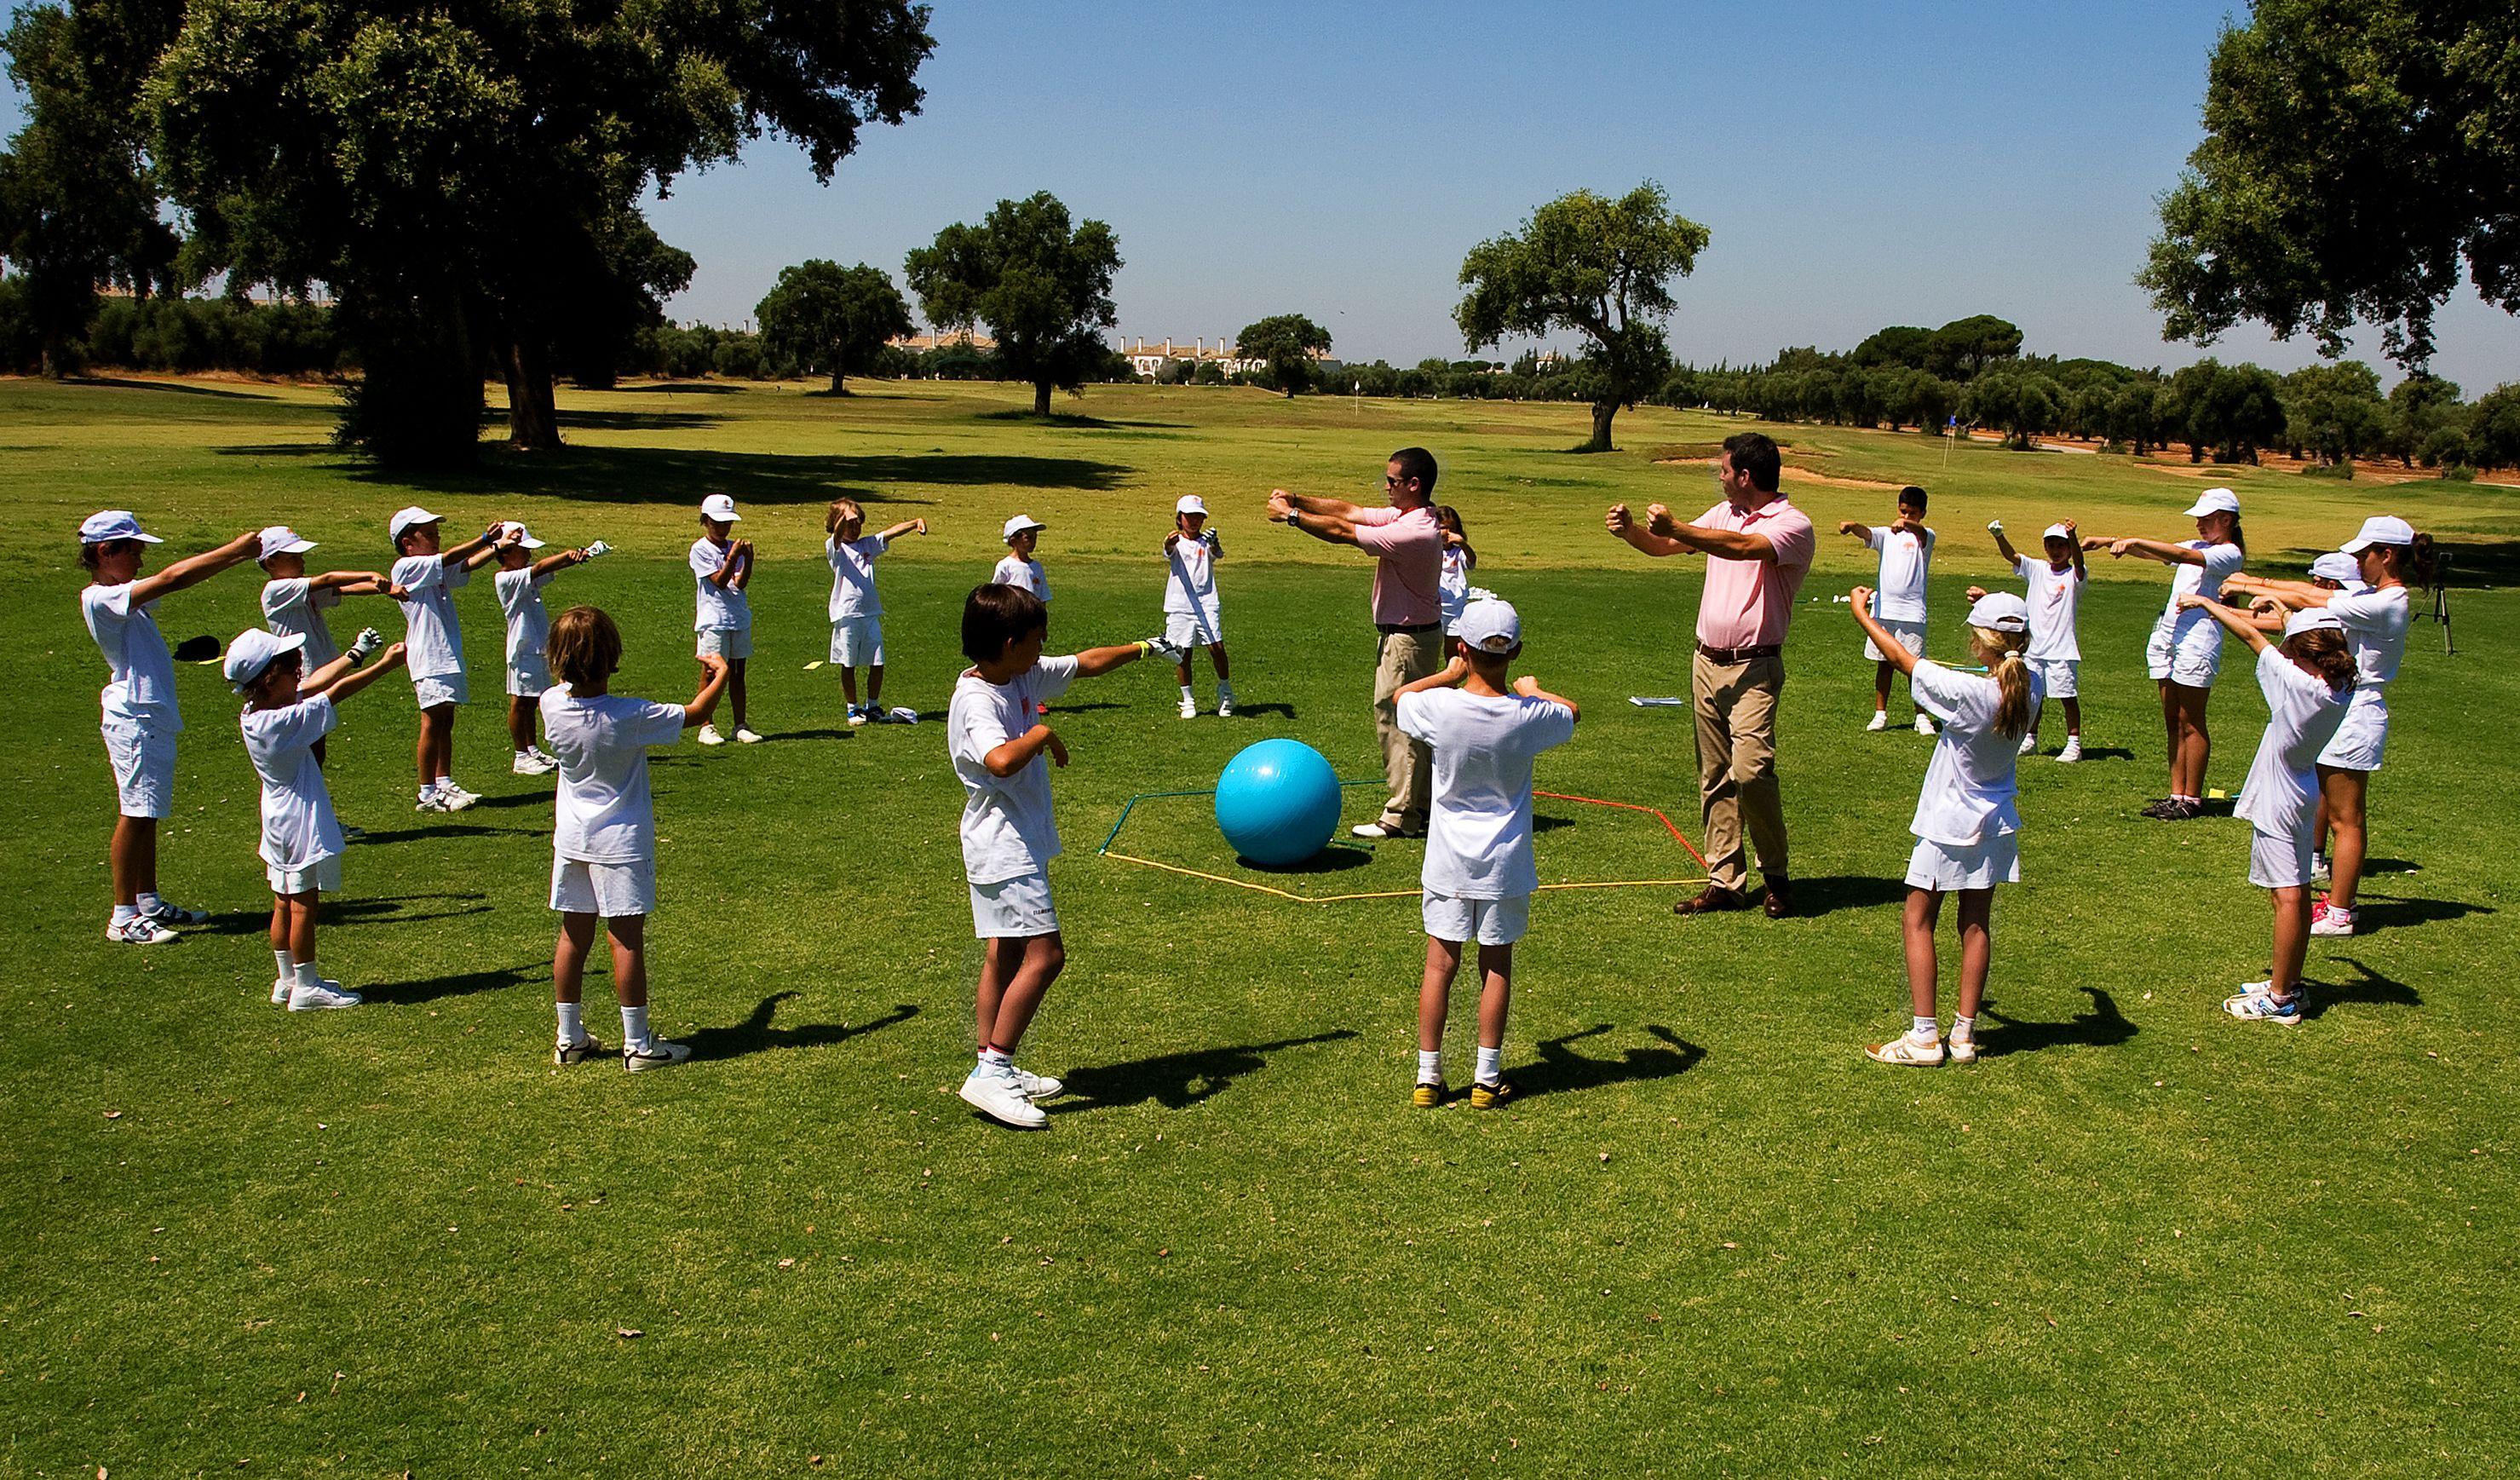 Deportes Diferentes Deportes: Conocer Y Relacionarse Con Niños De Todo El Mundo